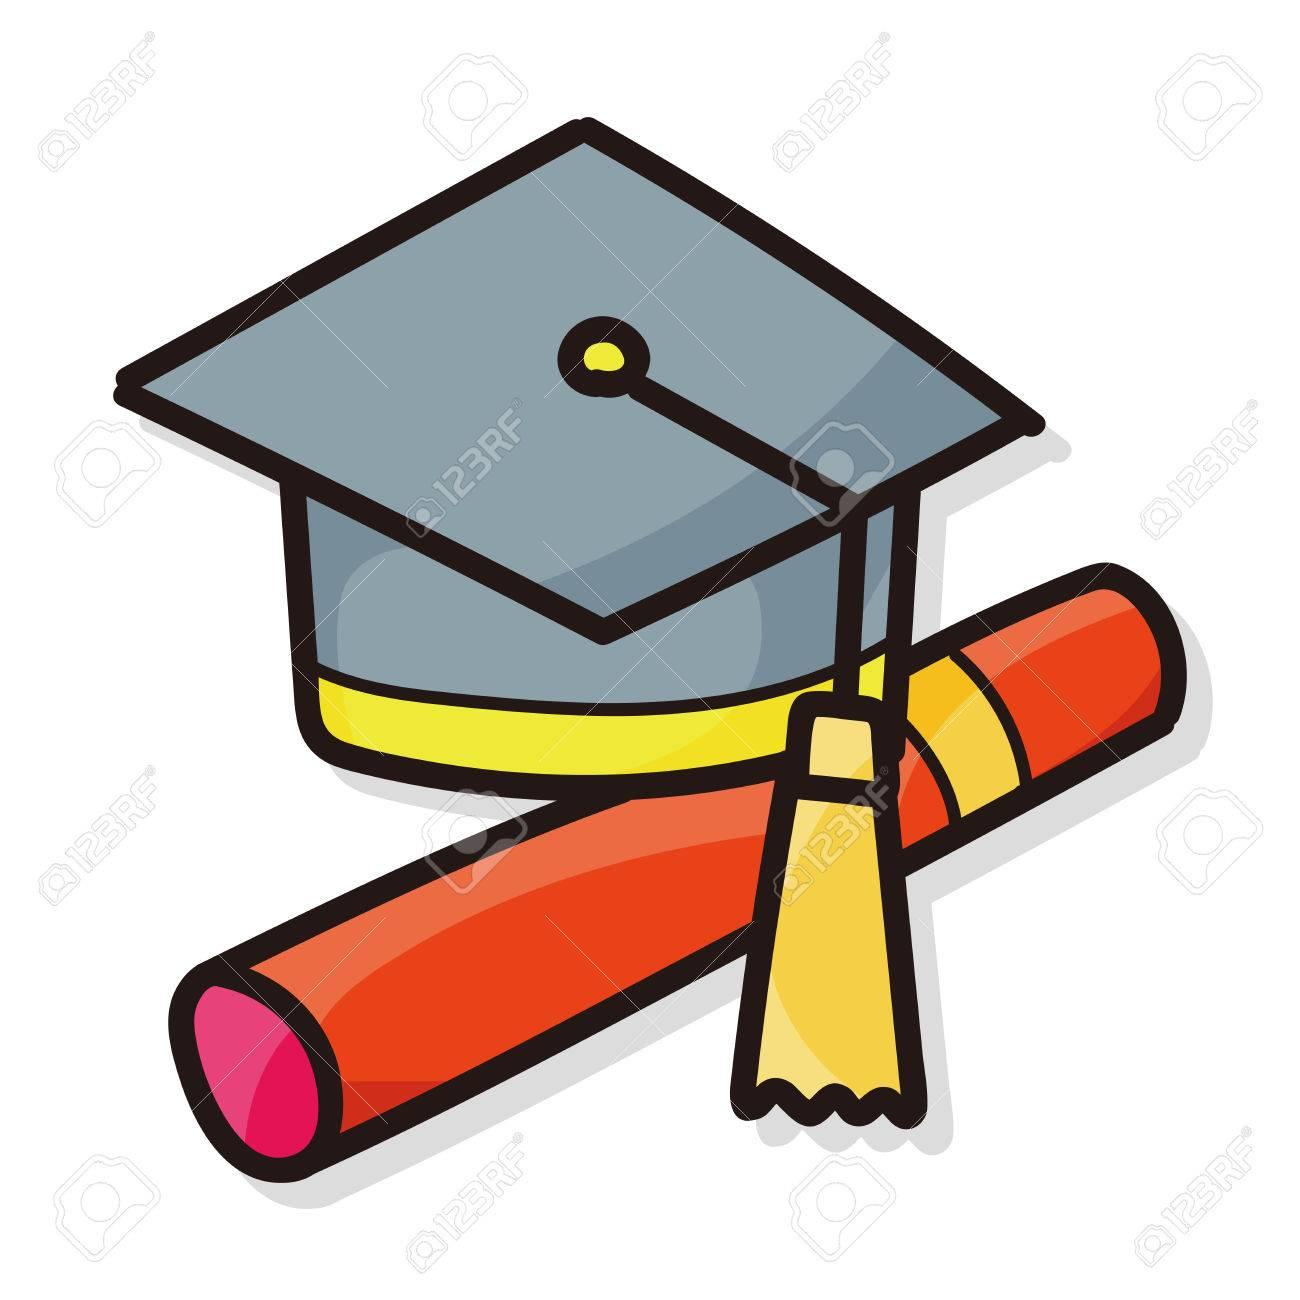 1300x1300 Graduation Cap Color Doodle Royalty Free Cliparts, Vectors,